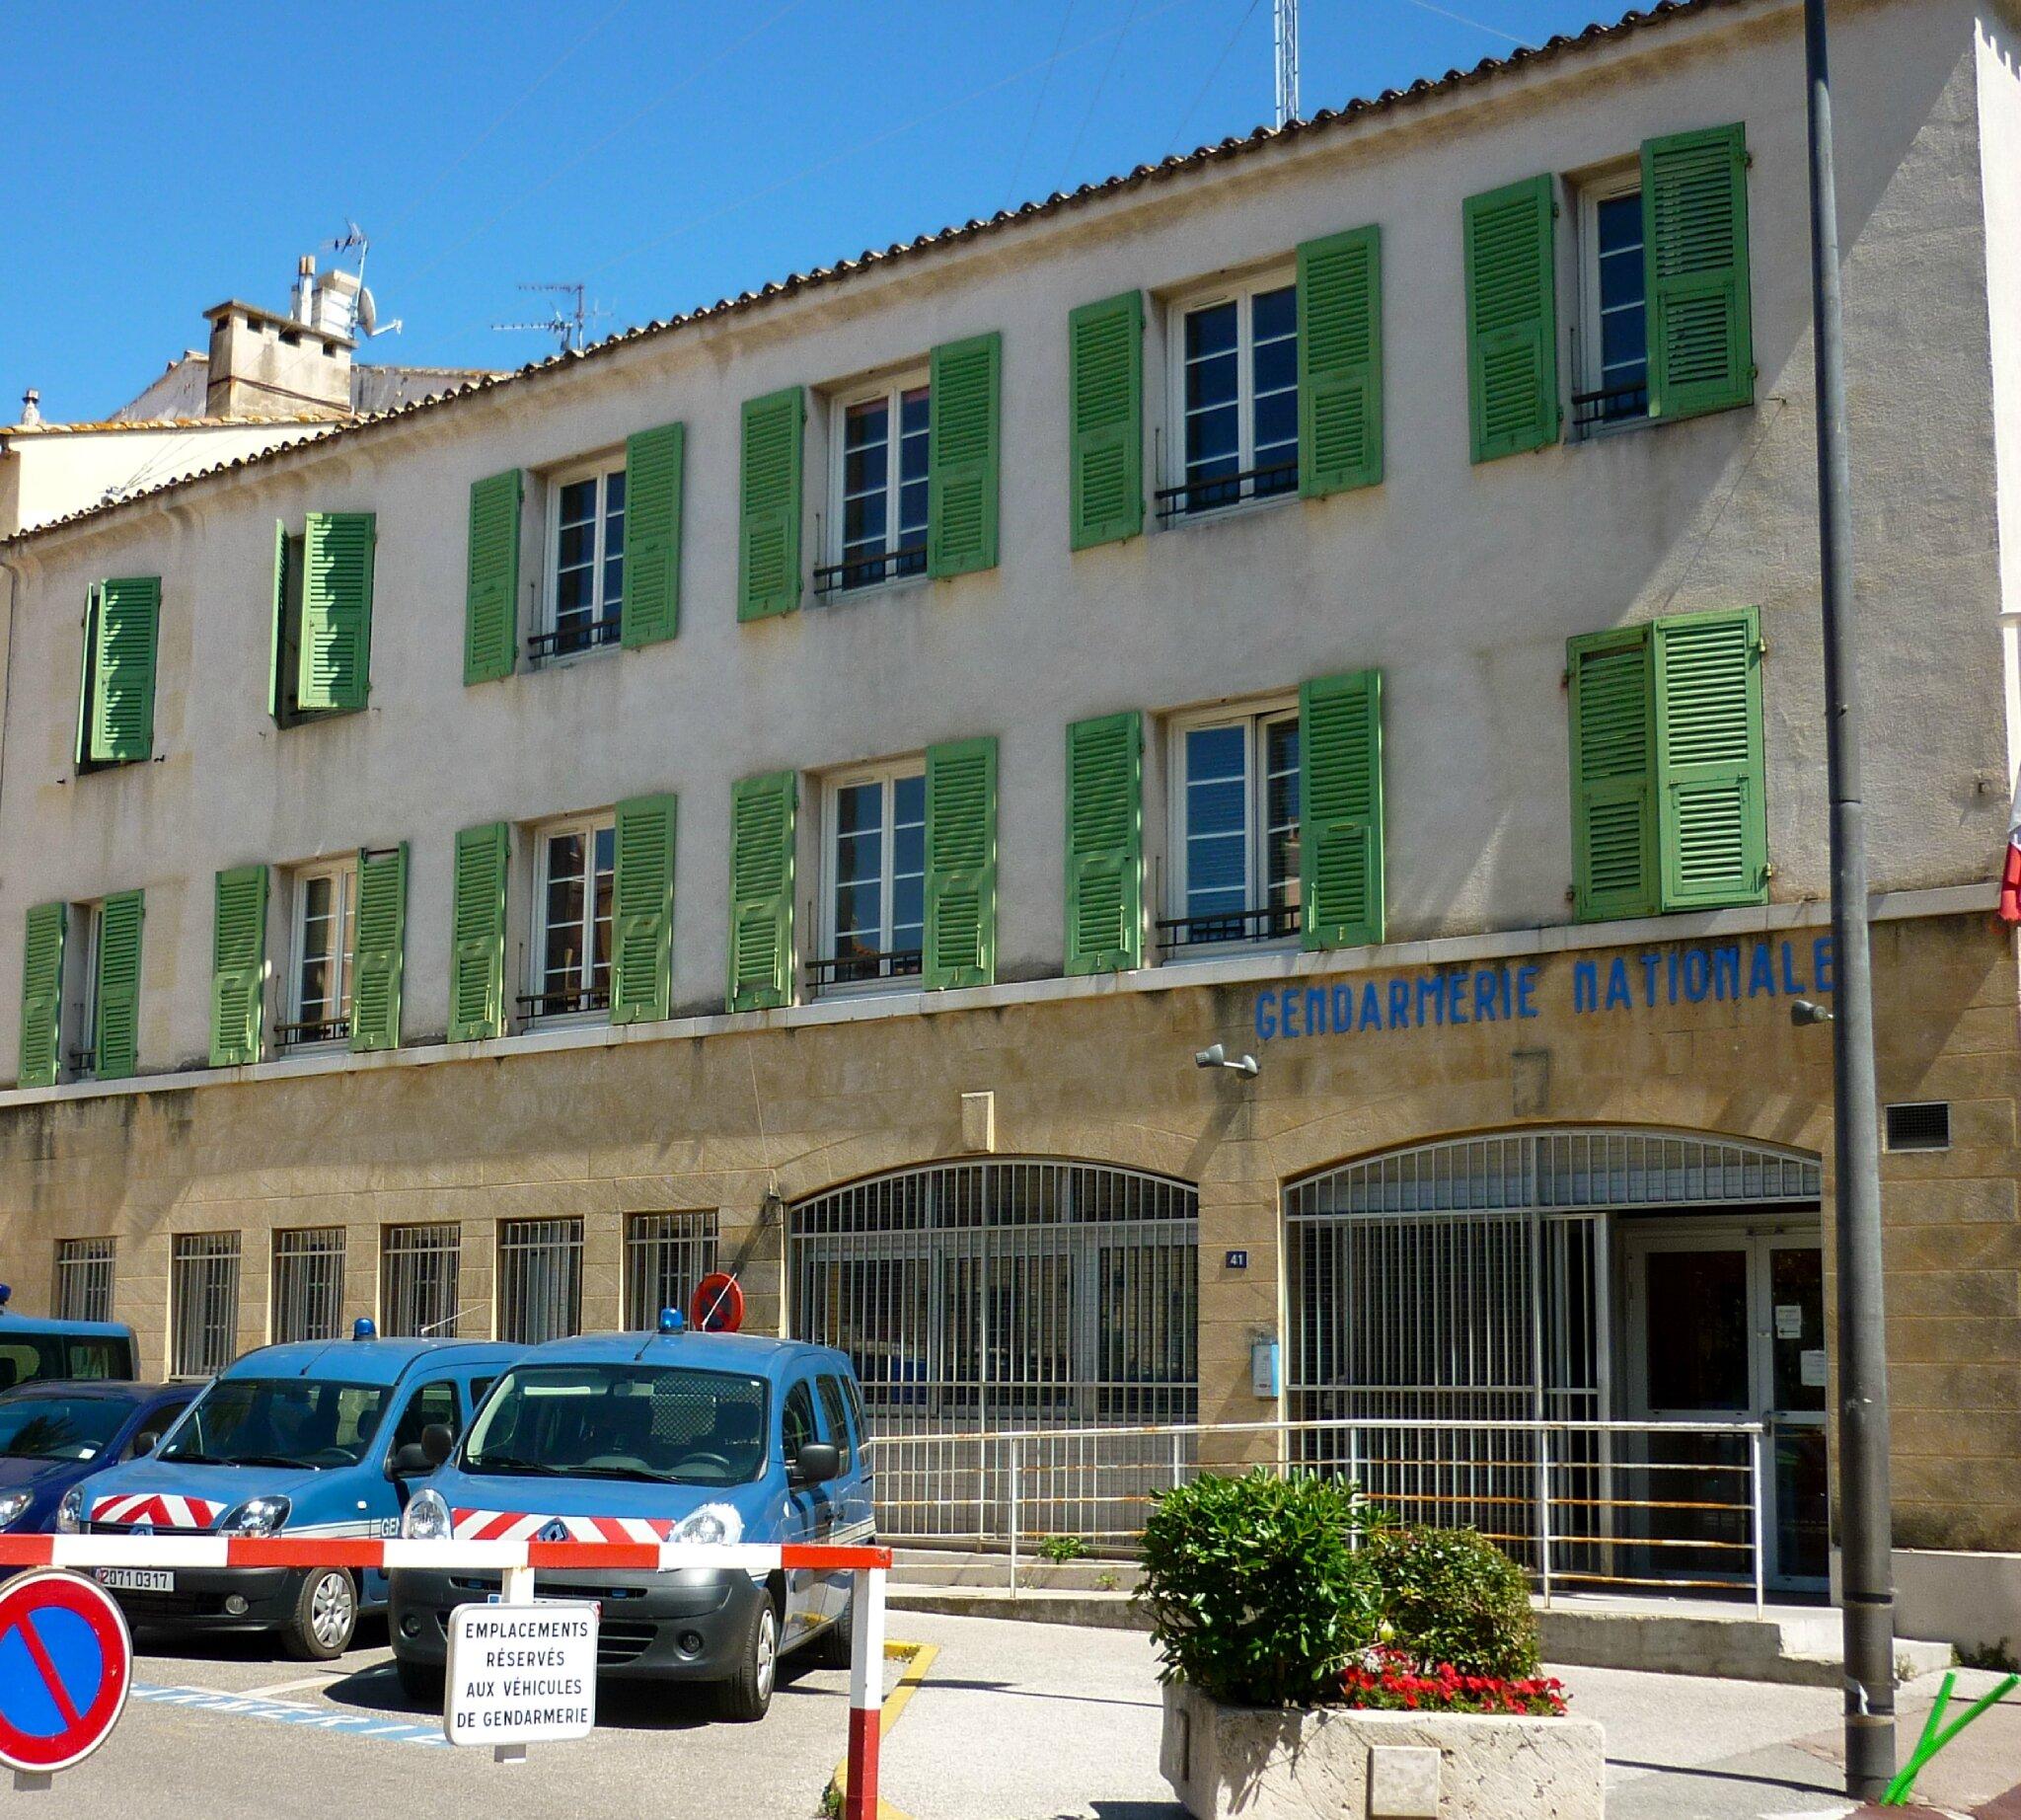 C 39 est ici le blog d 39 aventurine - Gendarmerie port la nouvelle ...